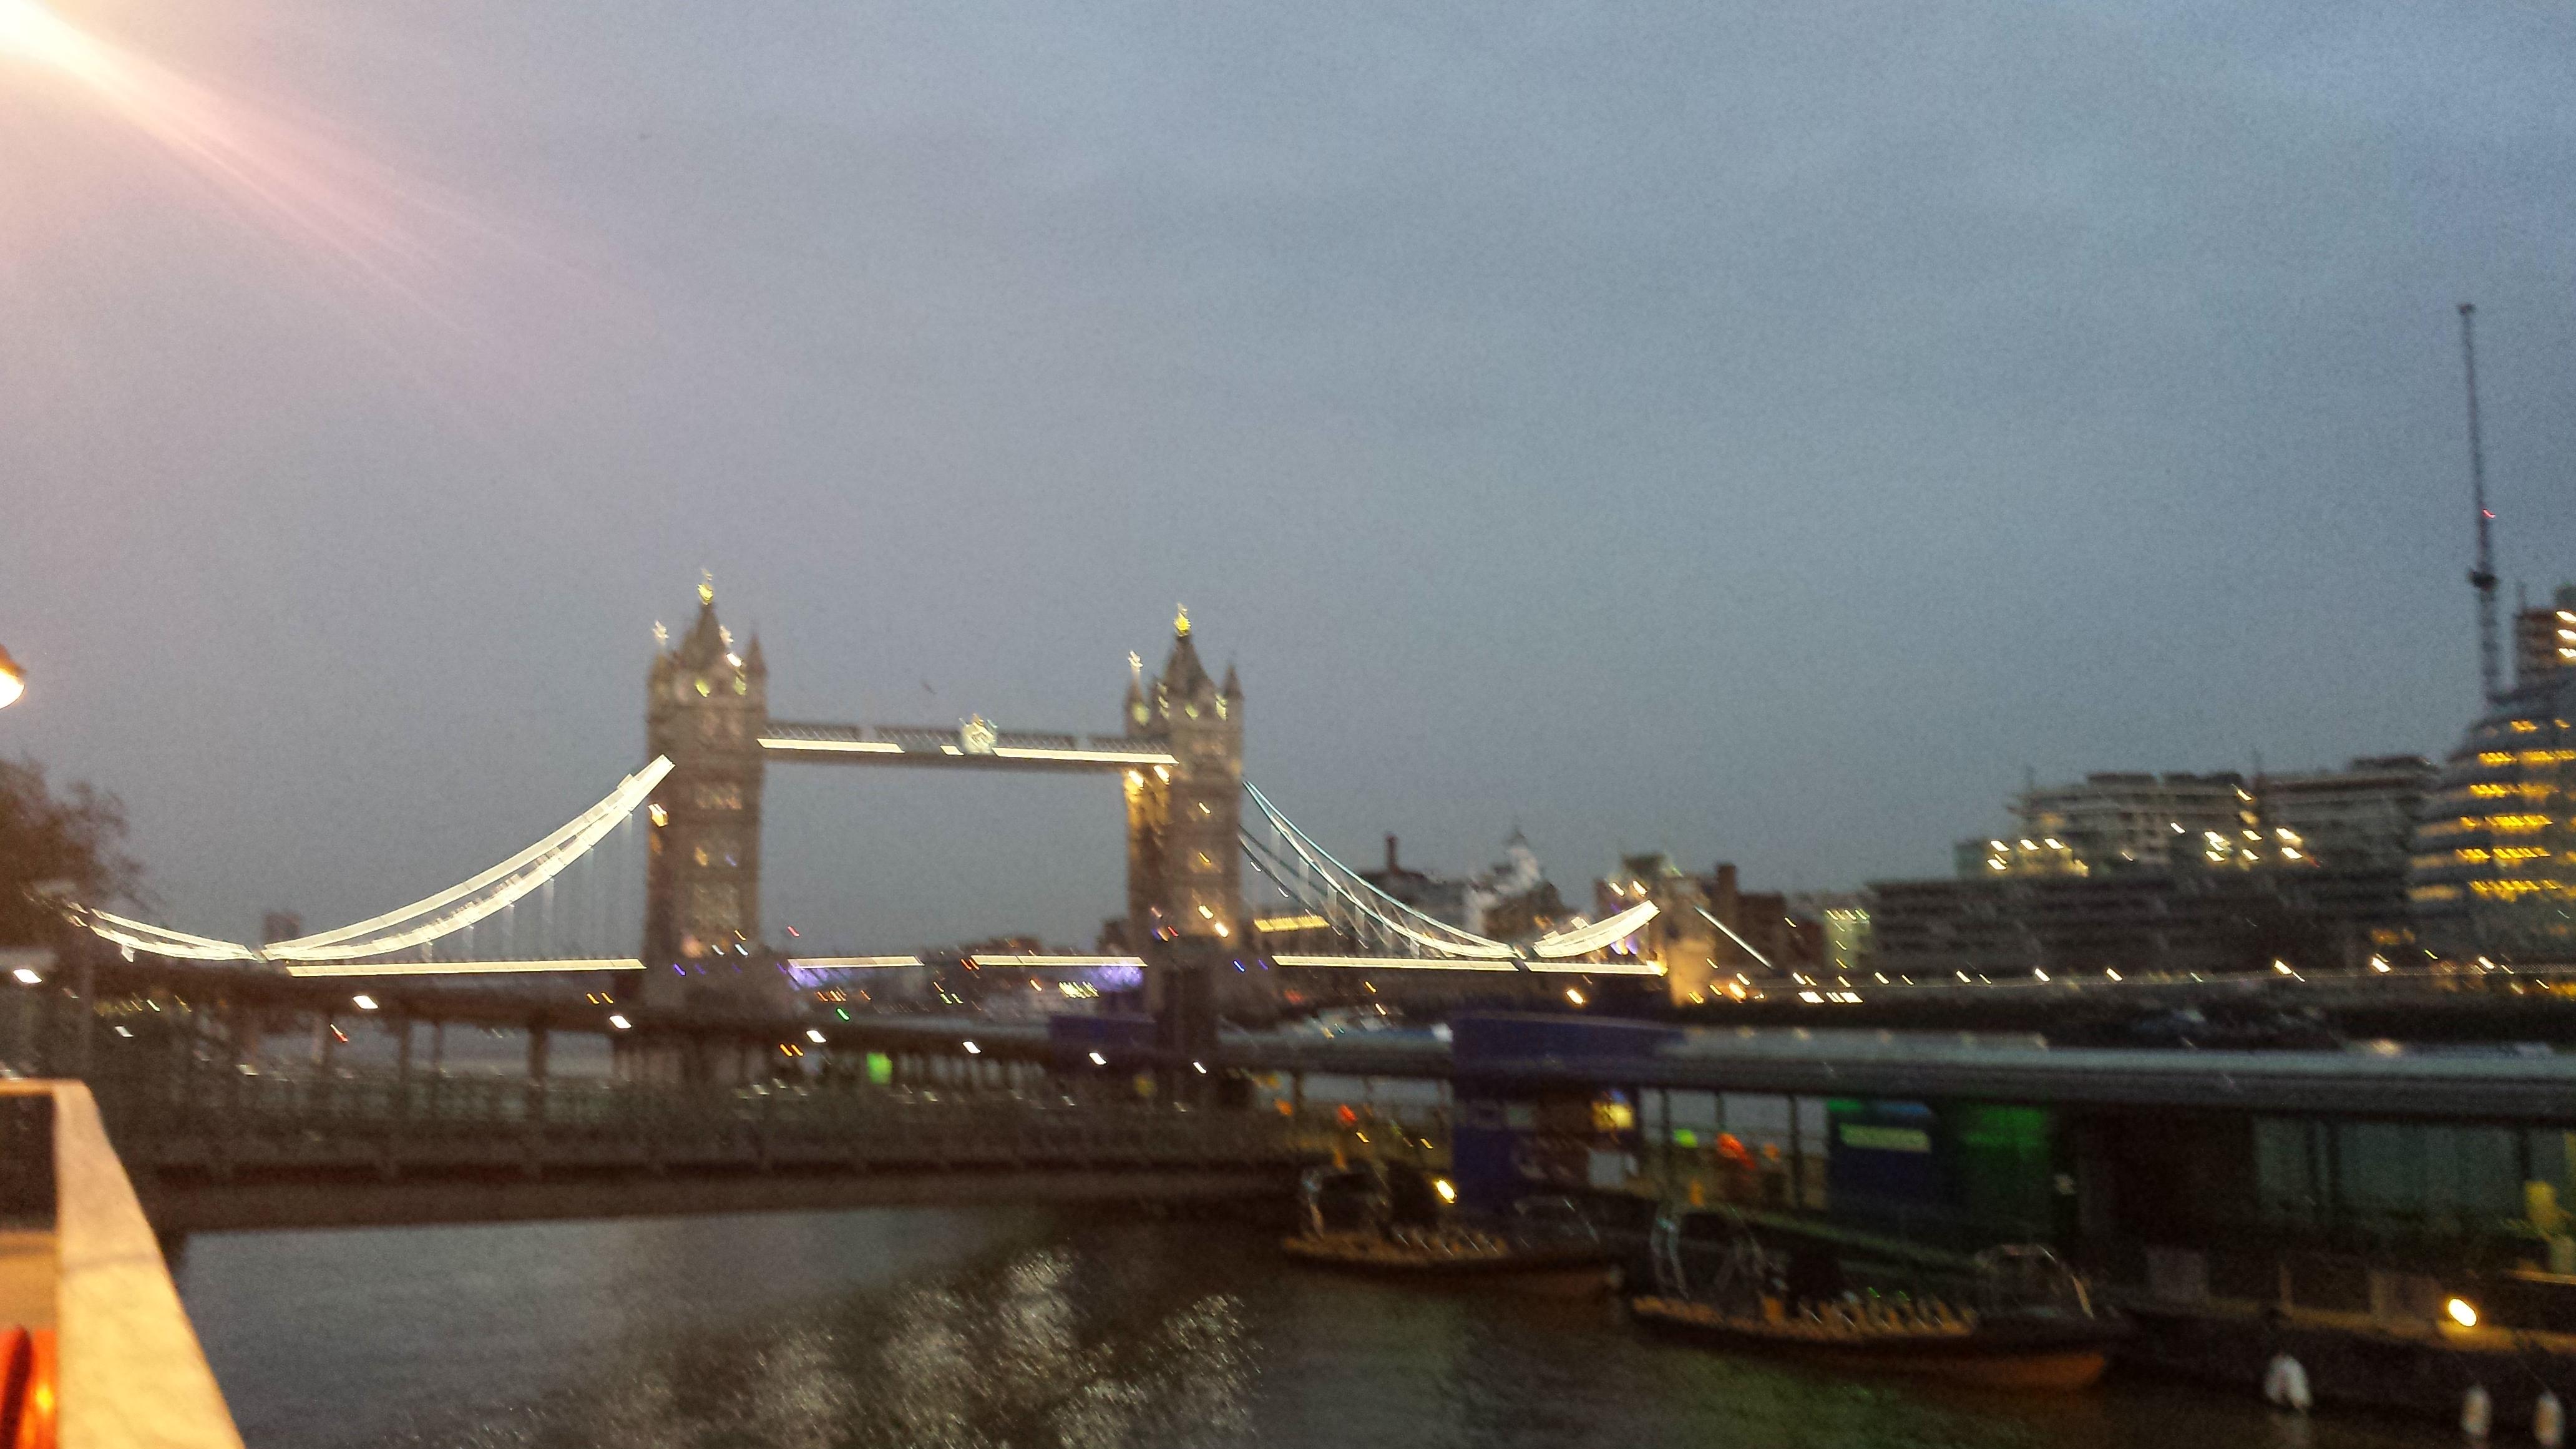 Тауэрский Мост в Лондоне или Tower Bridge